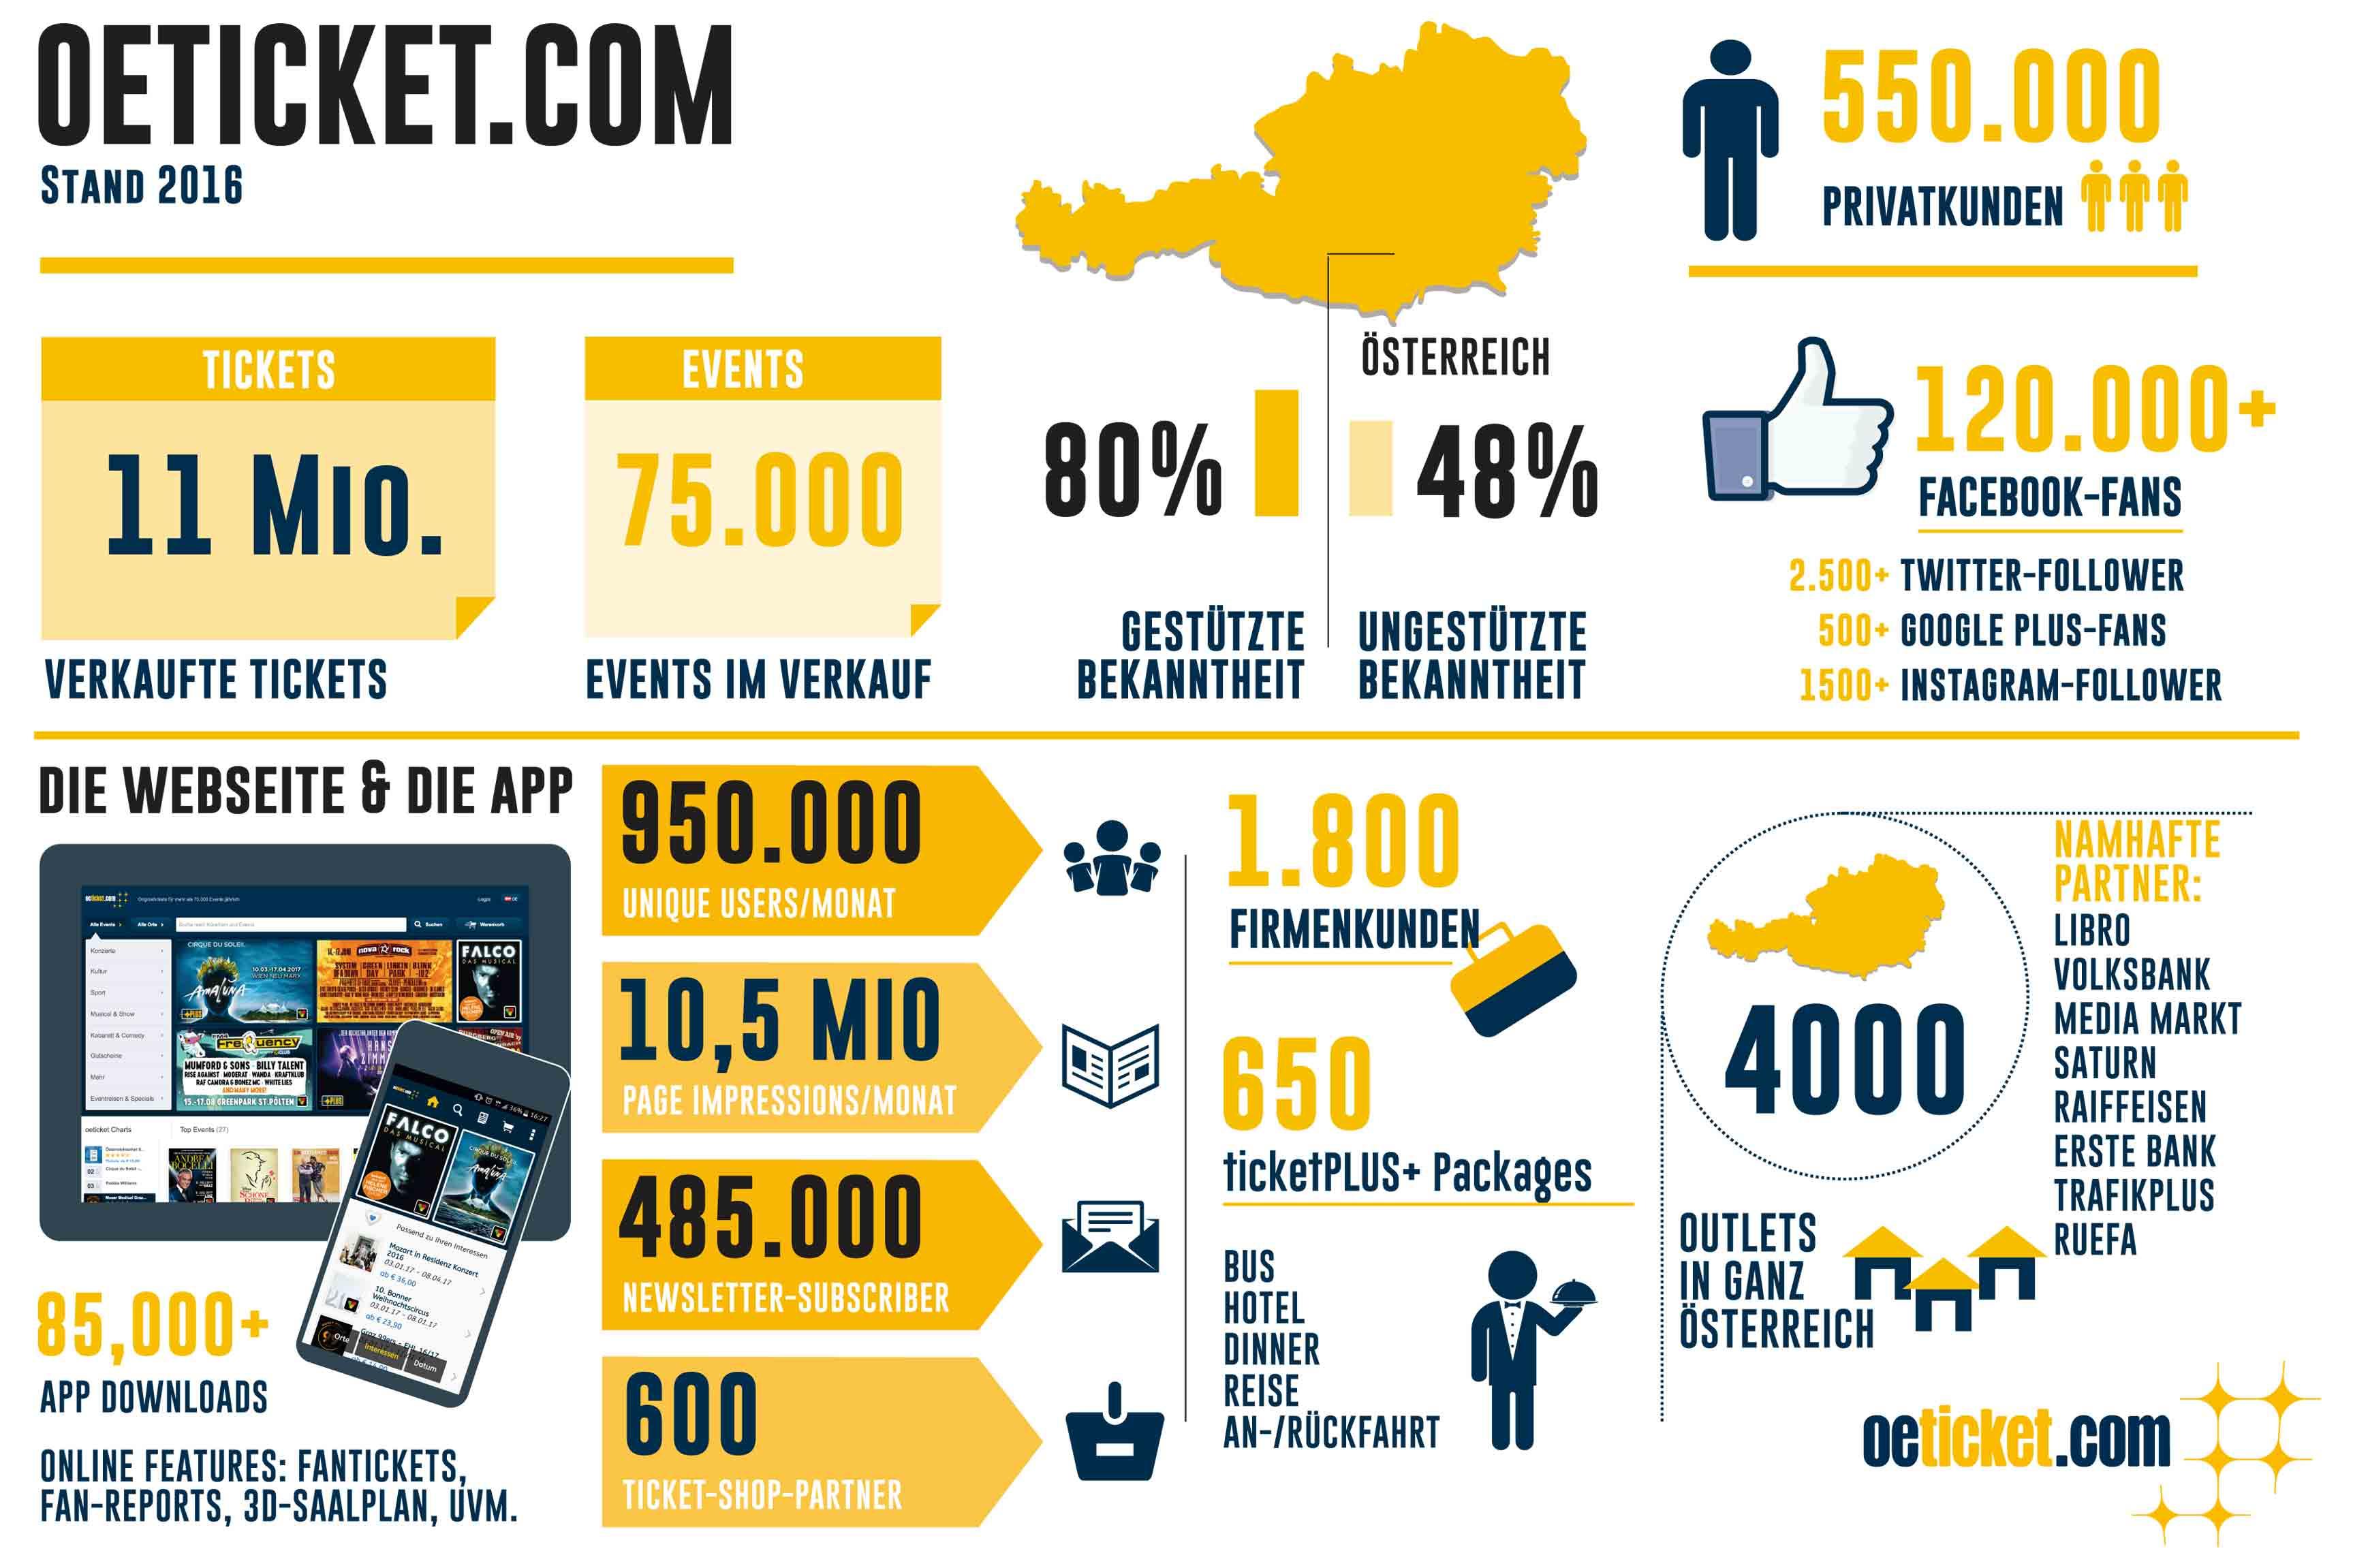 oeticket.com: Tickets für mehr als 75.000 Events jährlich